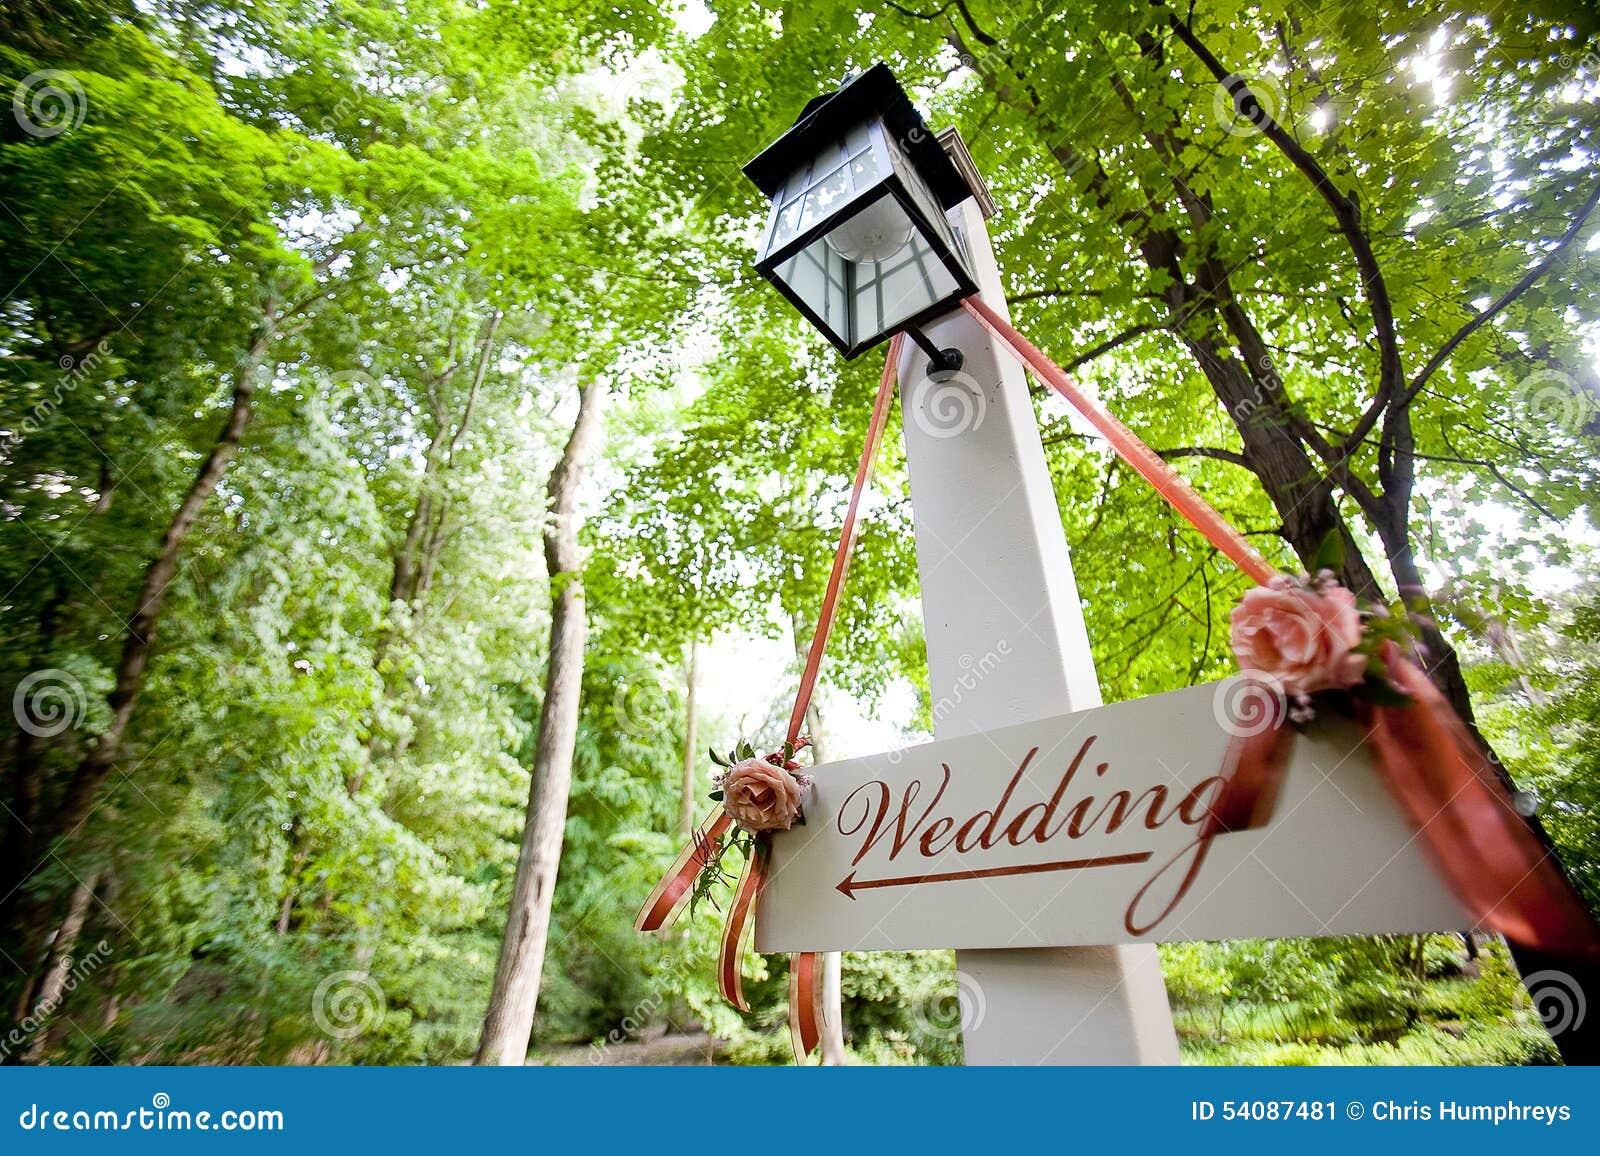 Huwelijksteken die naar ceremonie richten